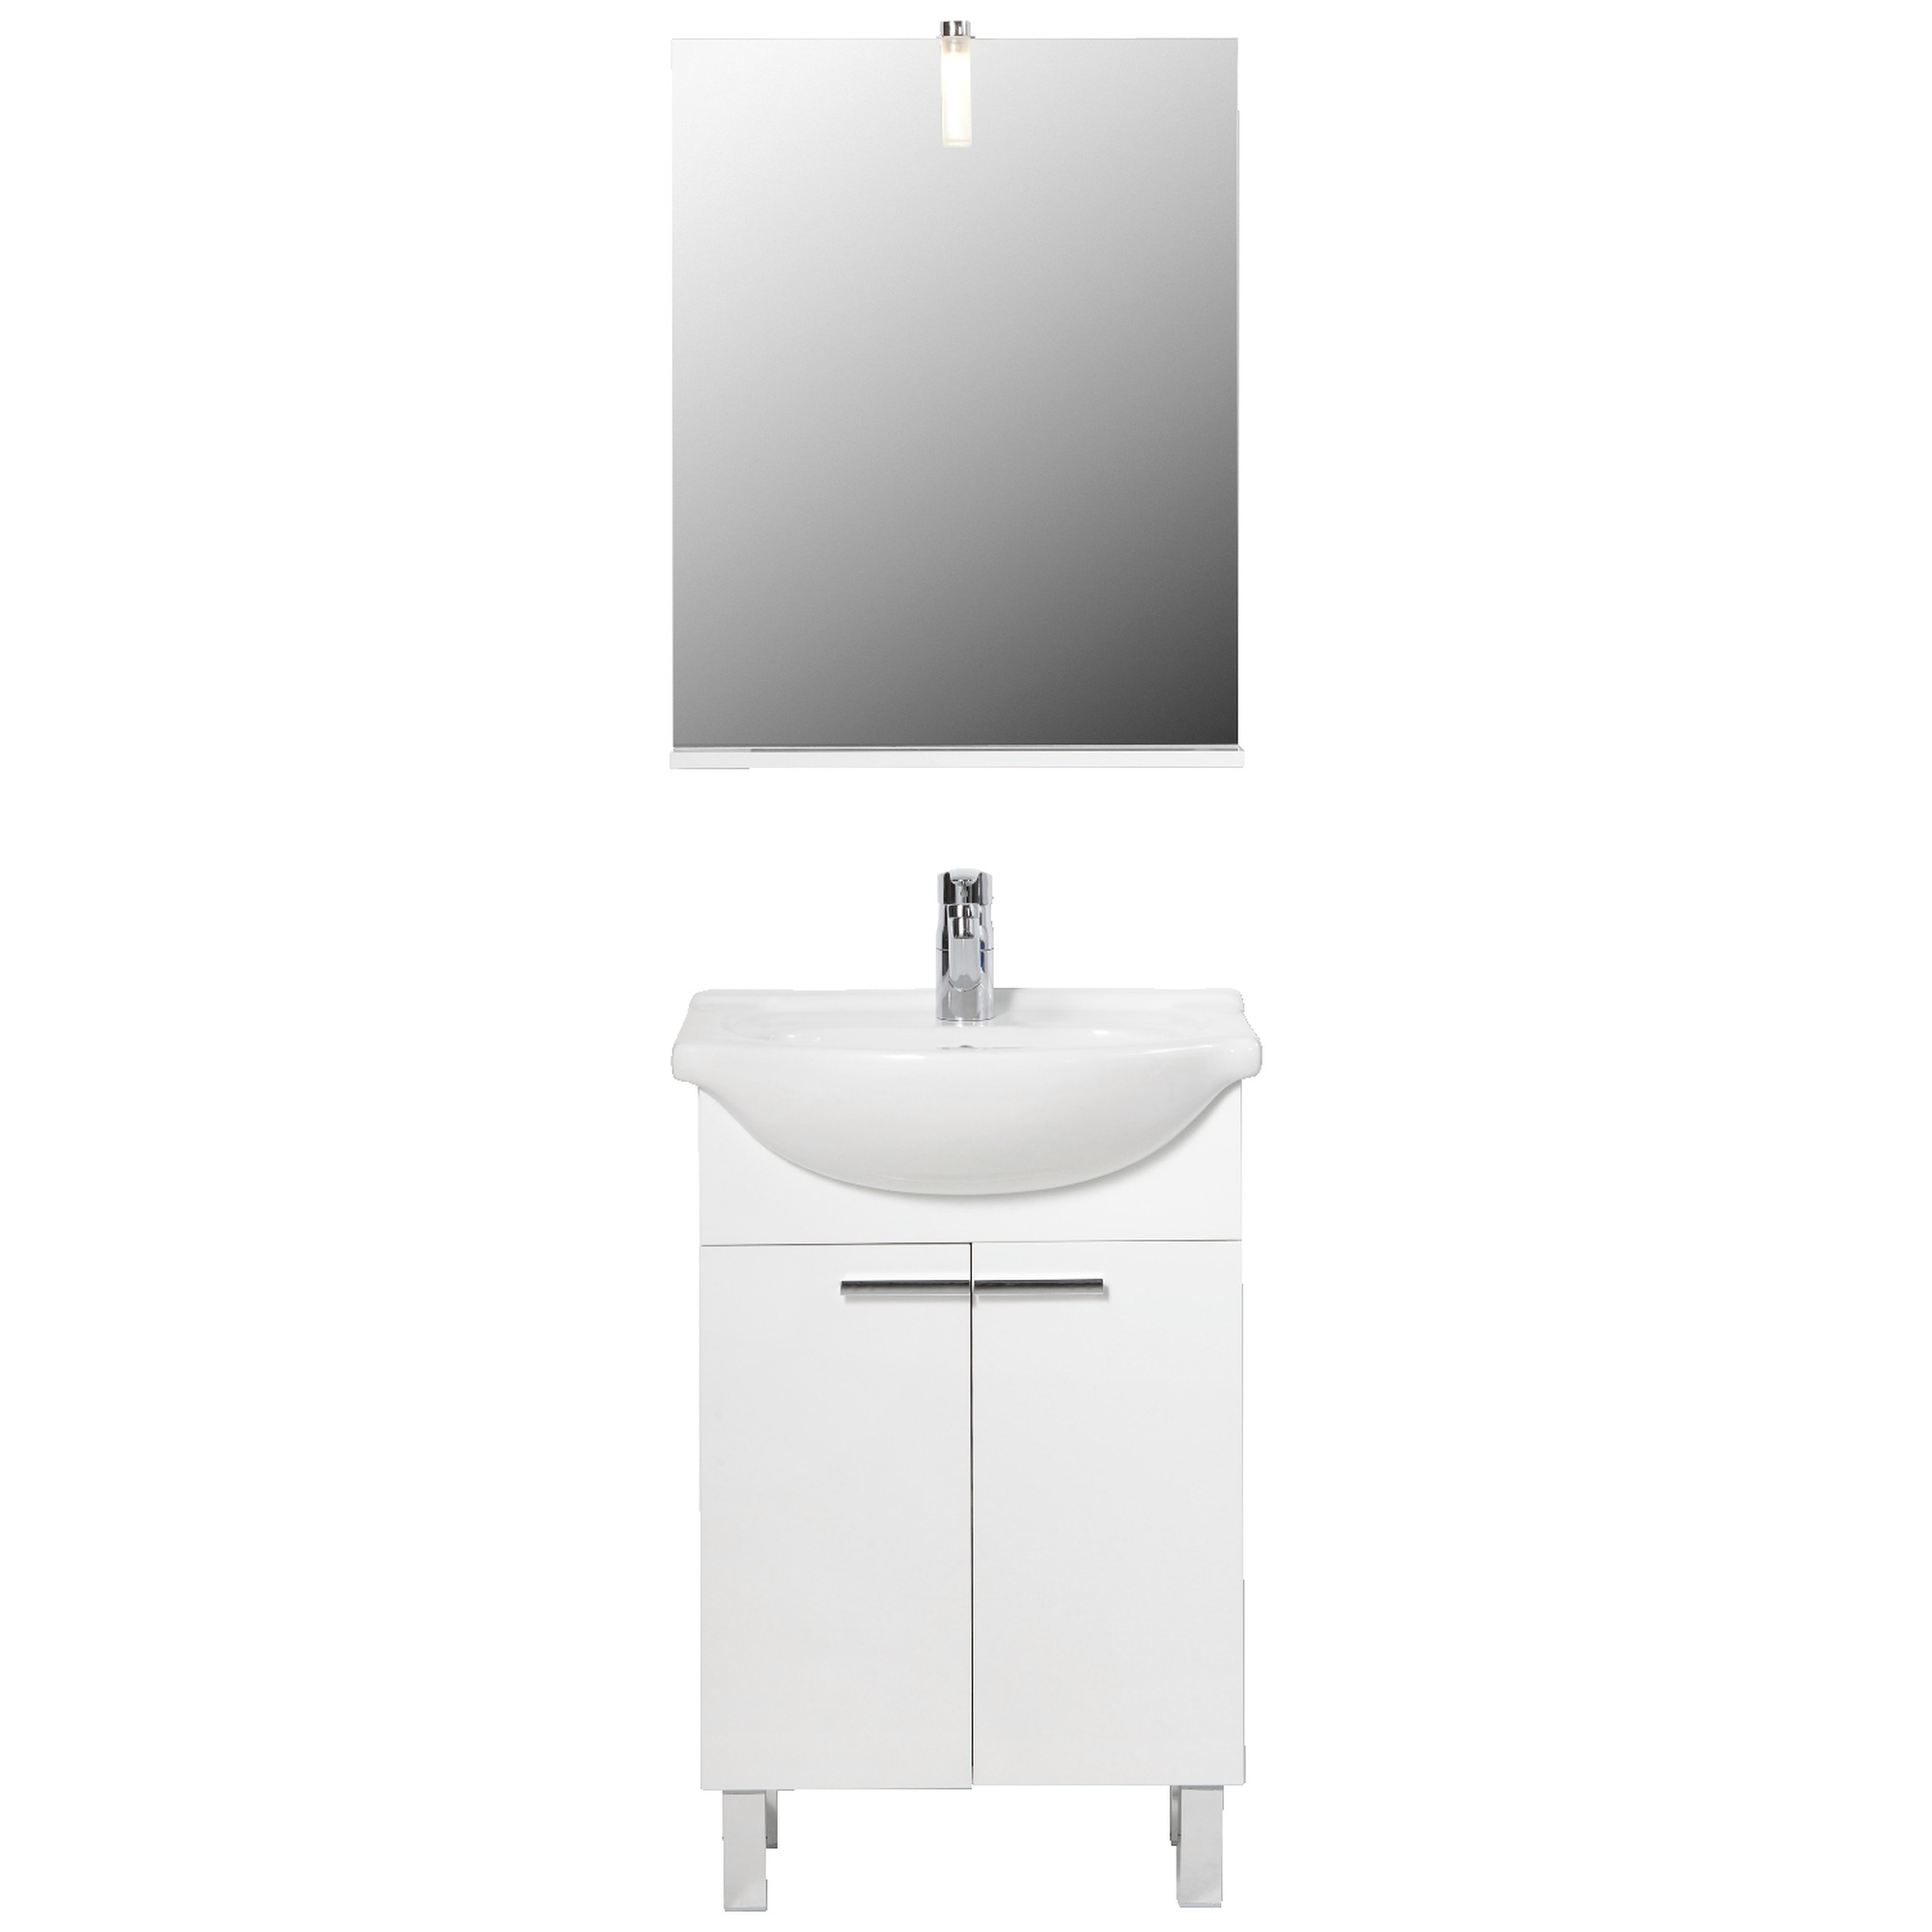 meuble de salle de bains amy 55 cm blanc brillant meubles salle de bain sanitaire chauffage. Black Bedroom Furniture Sets. Home Design Ideas